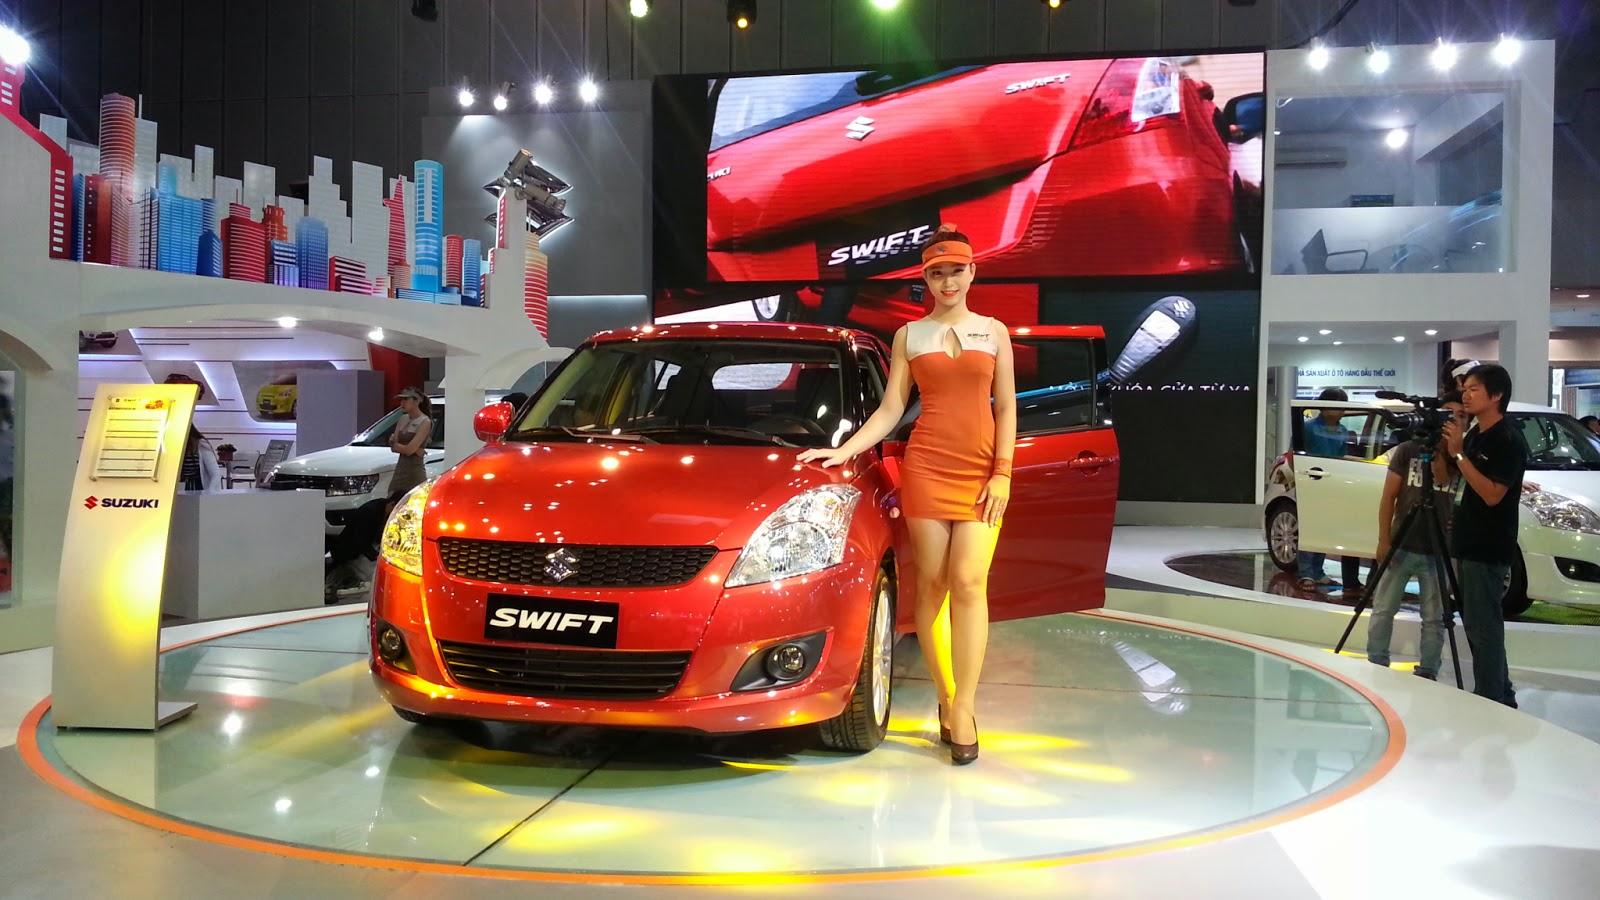 Suzuki Swift cùng với người đẹp